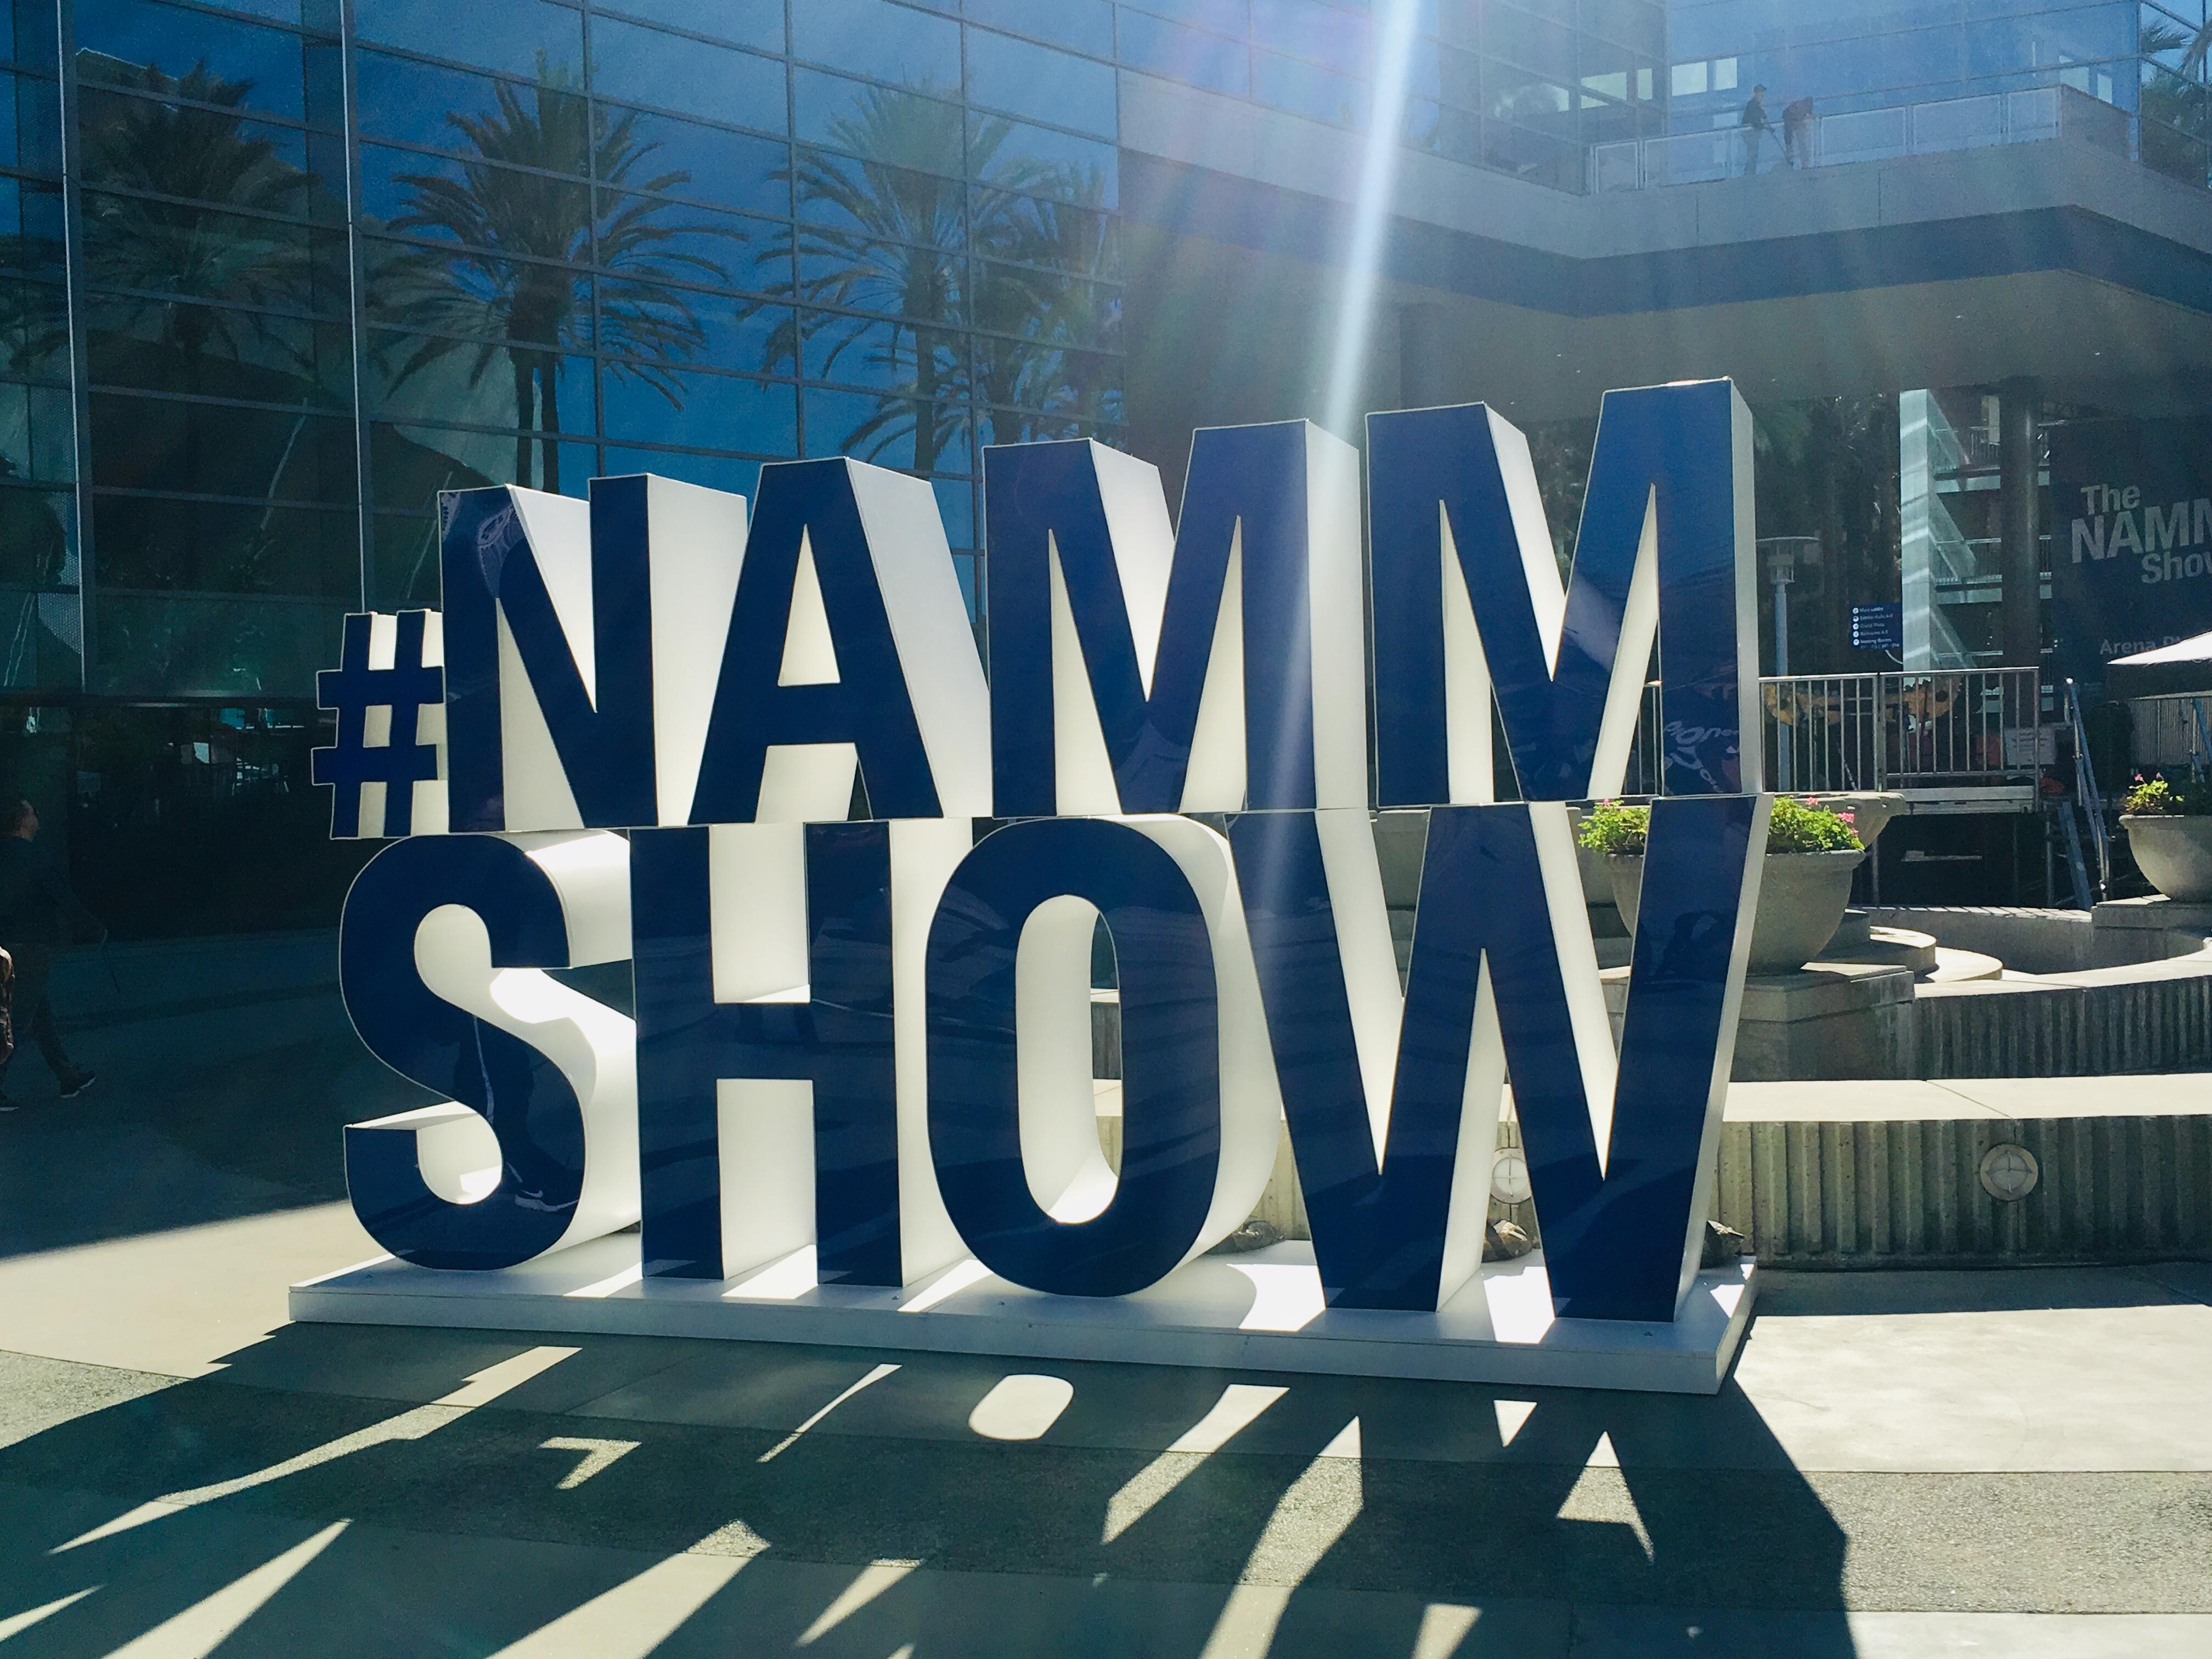 Presse: Adam Hall Group mit neuen Audio- und Lichttechnik-Produkten auf der Winter NAMM 2020